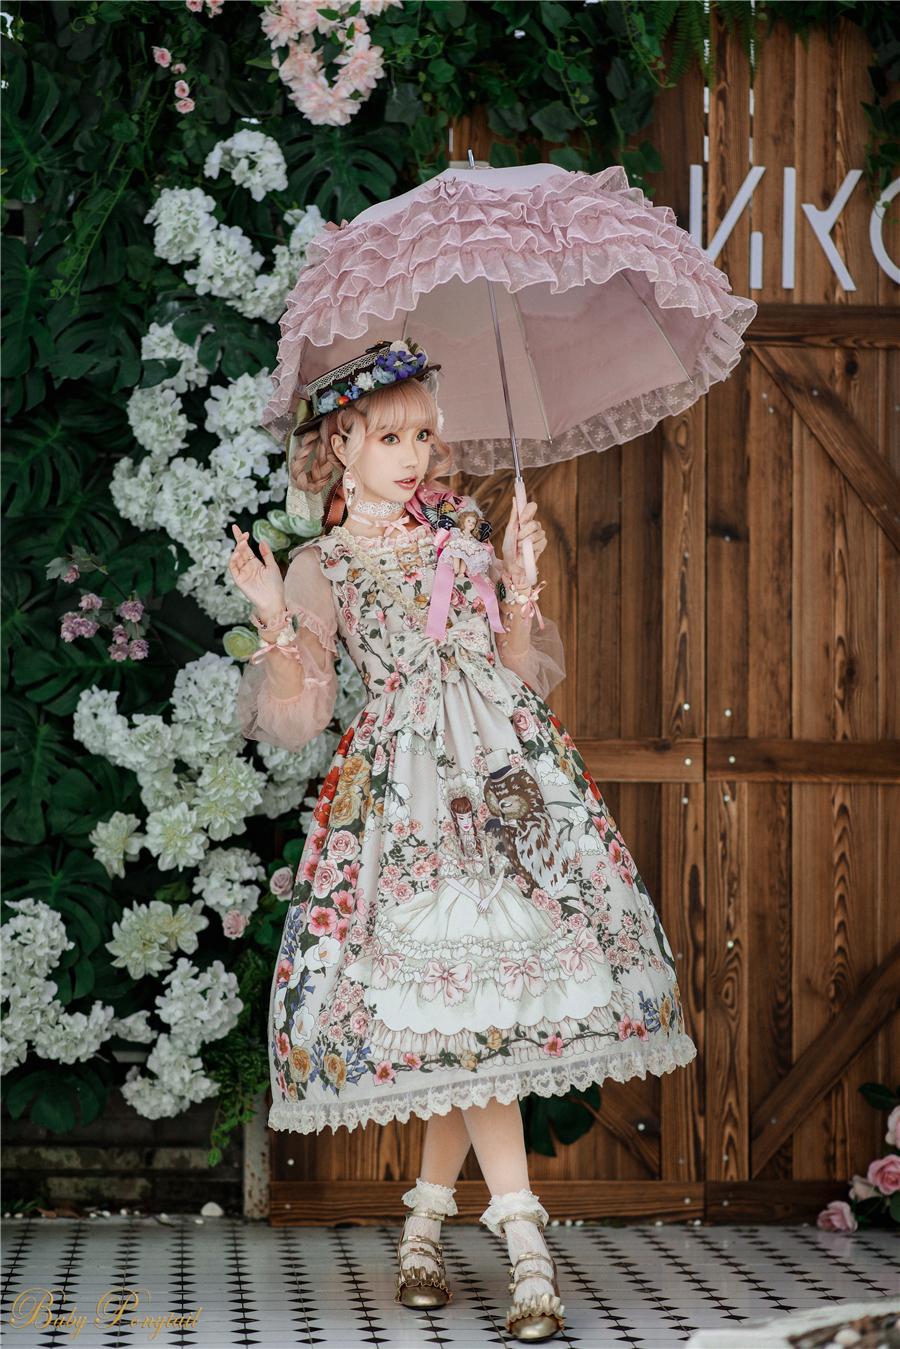 Baby Ponytail_Model Photo_Polly's Garden of Dreams_JSK Ivory_Kaka22.jpg